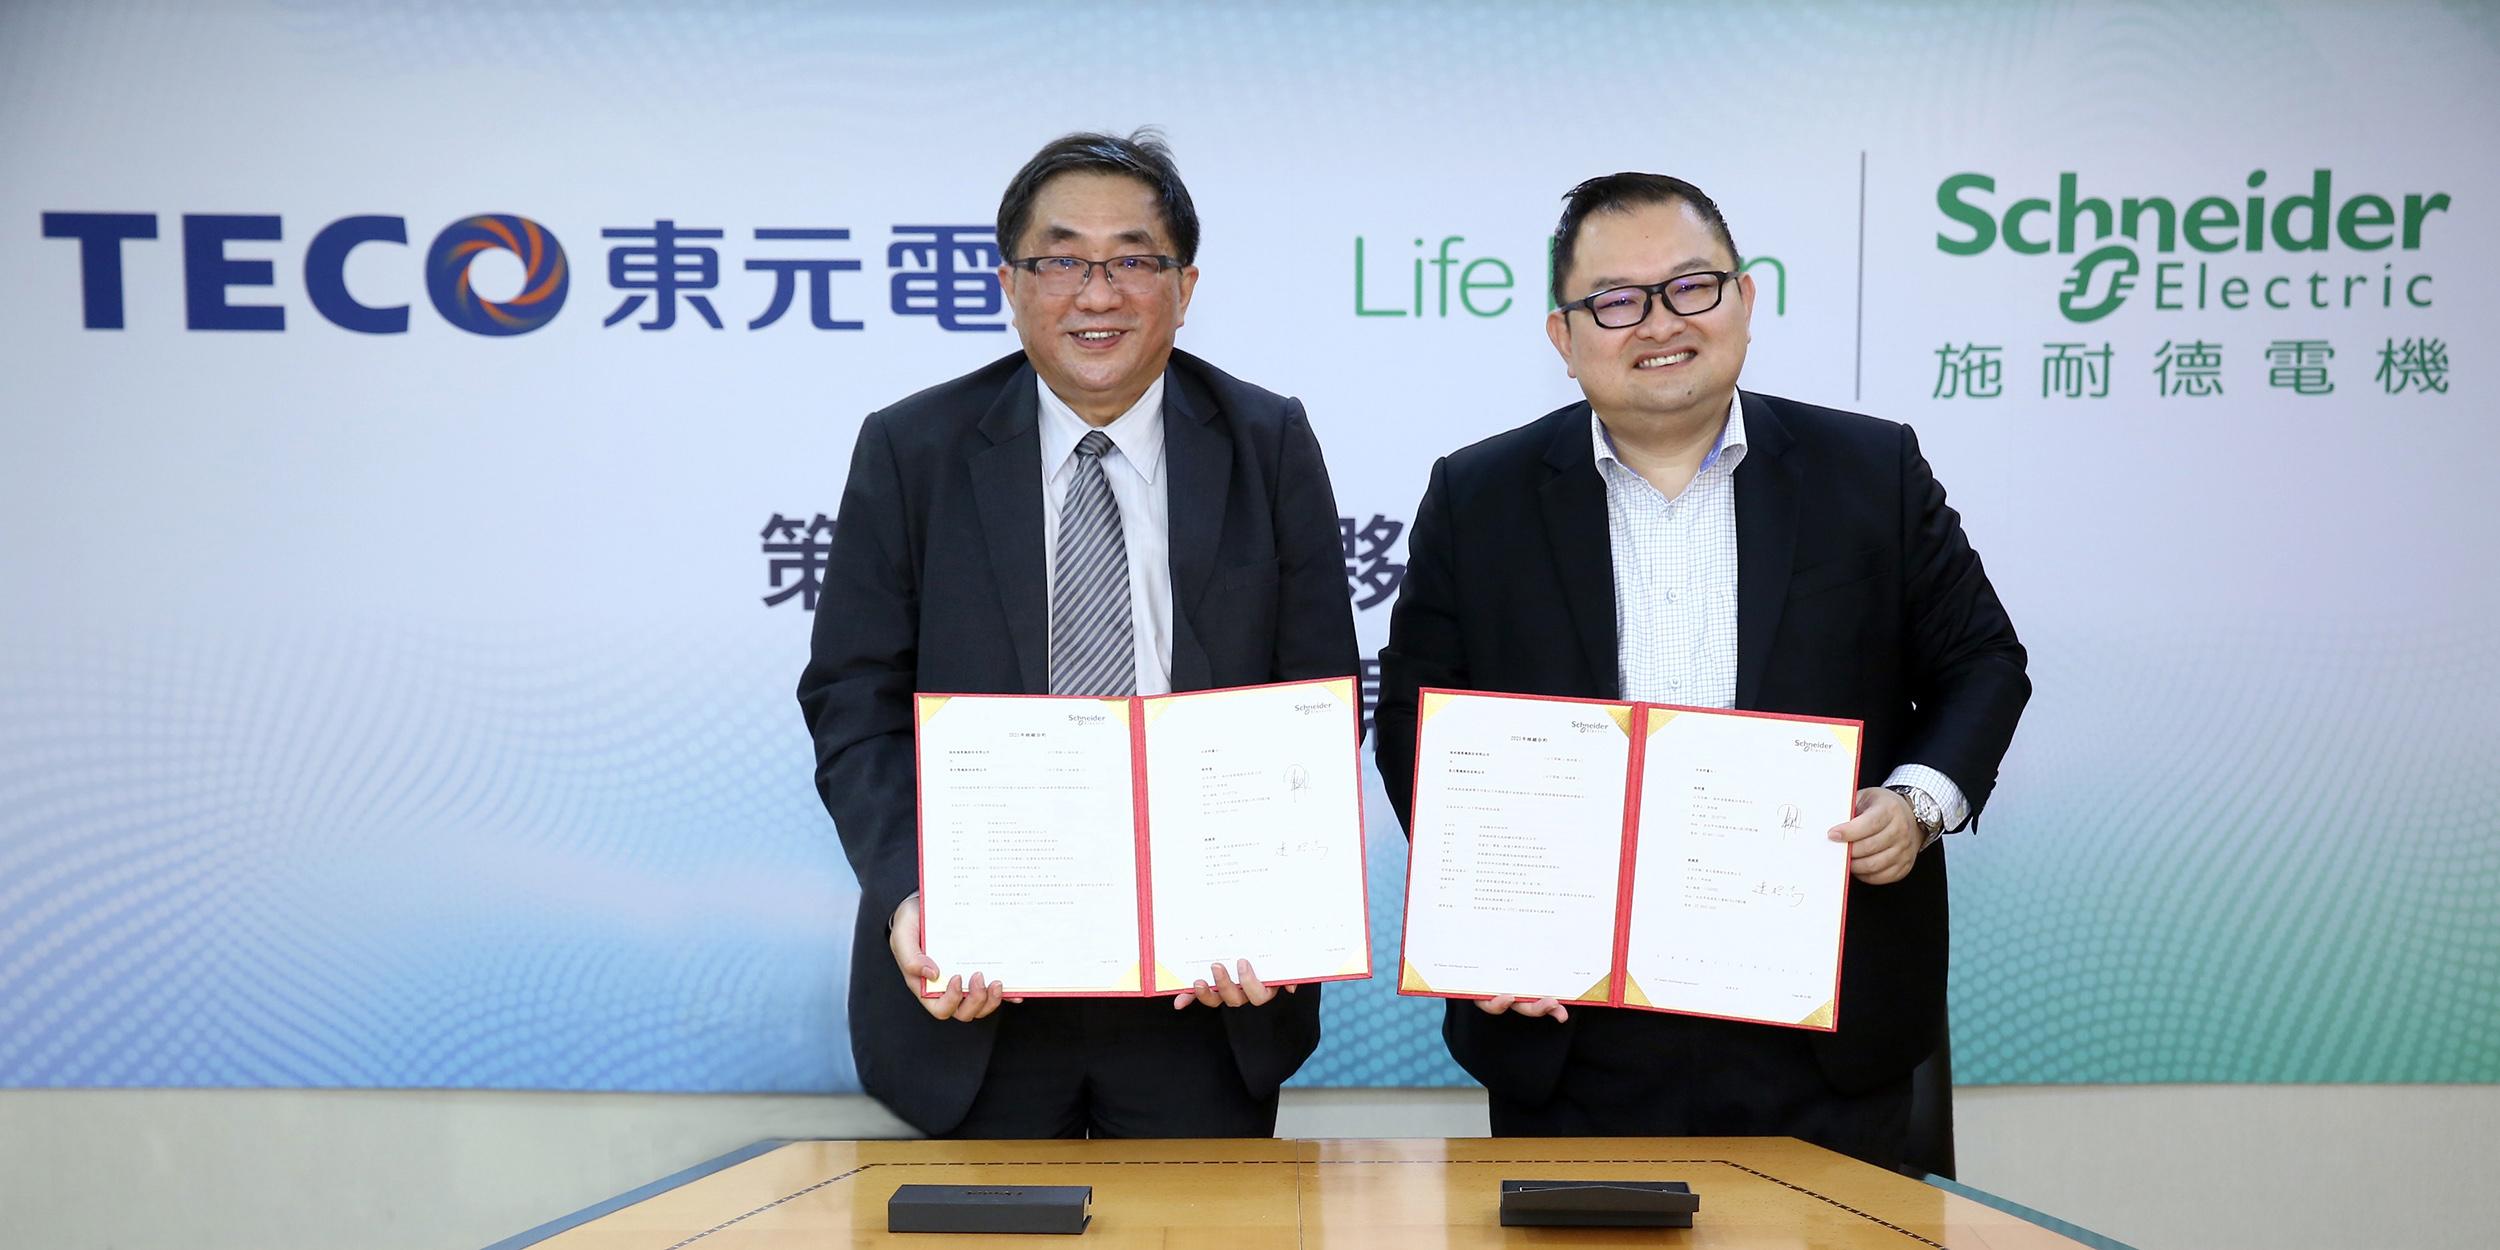 東元電機與法商施耐德簽約 將代理配電與自動化控制等系列產品